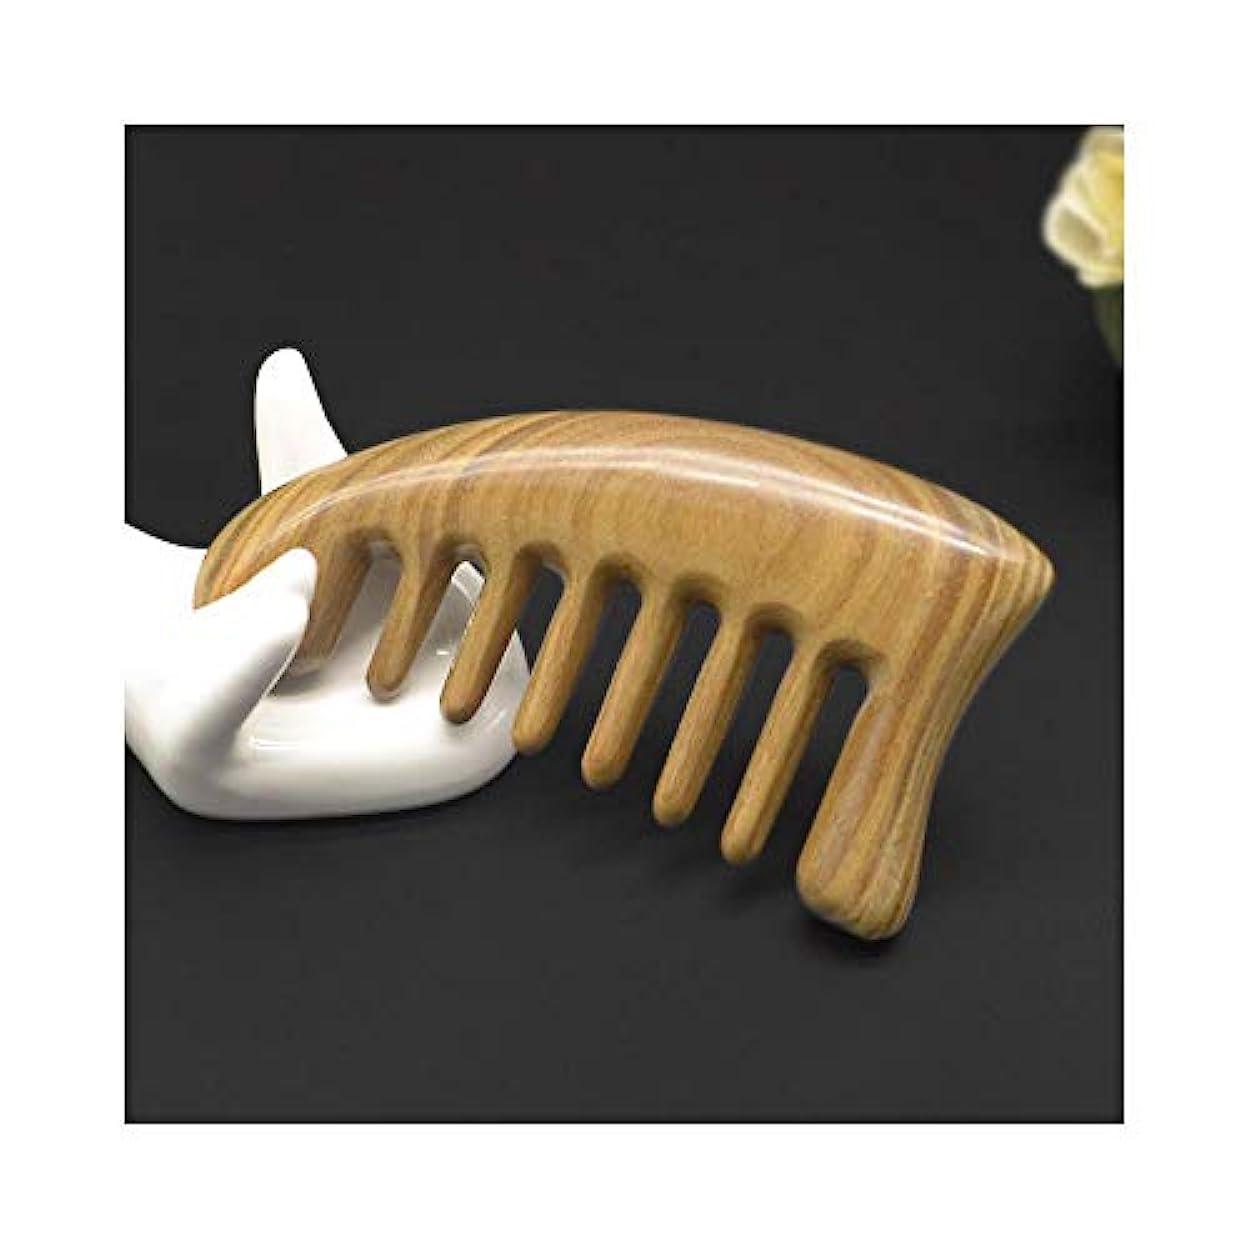 発掘する干渉するゲーム新くしワイド歯ナチュラルグリーンサンダルウッドマッサージくし - 小型のくし ヘアケア (色 : 1879)